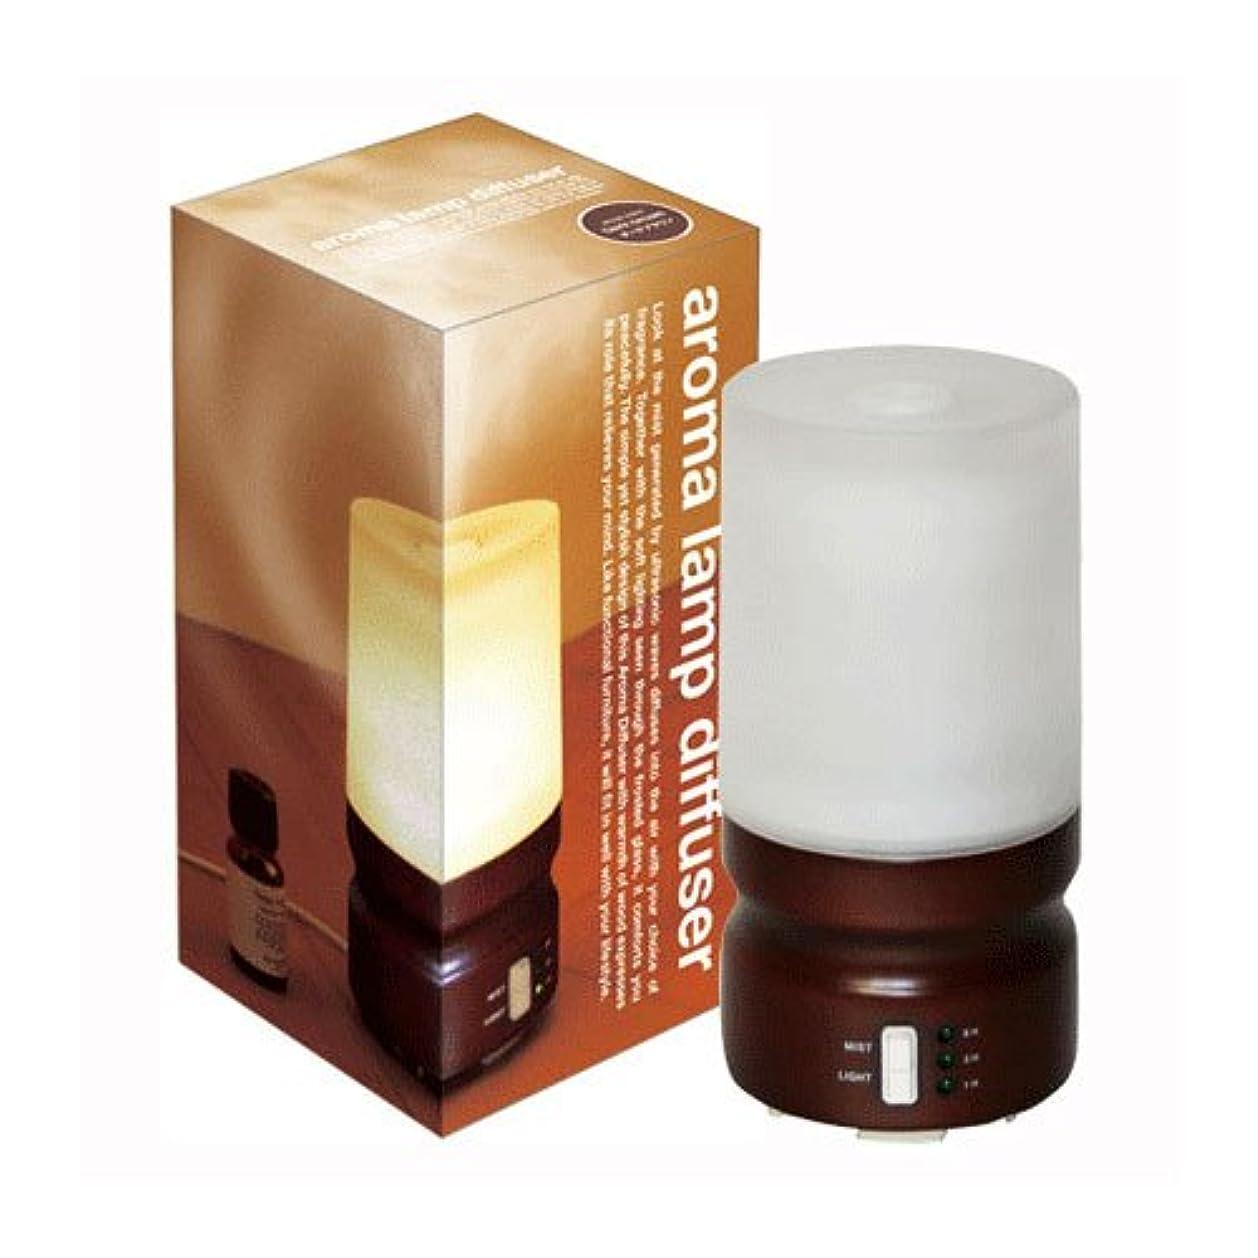 小麦はっきりと絶望的なアロマランプディフューザーaroma lamp diffuer【タイマー付】【保証書付(6ヶ月)】【カラー:ダークブラウン】